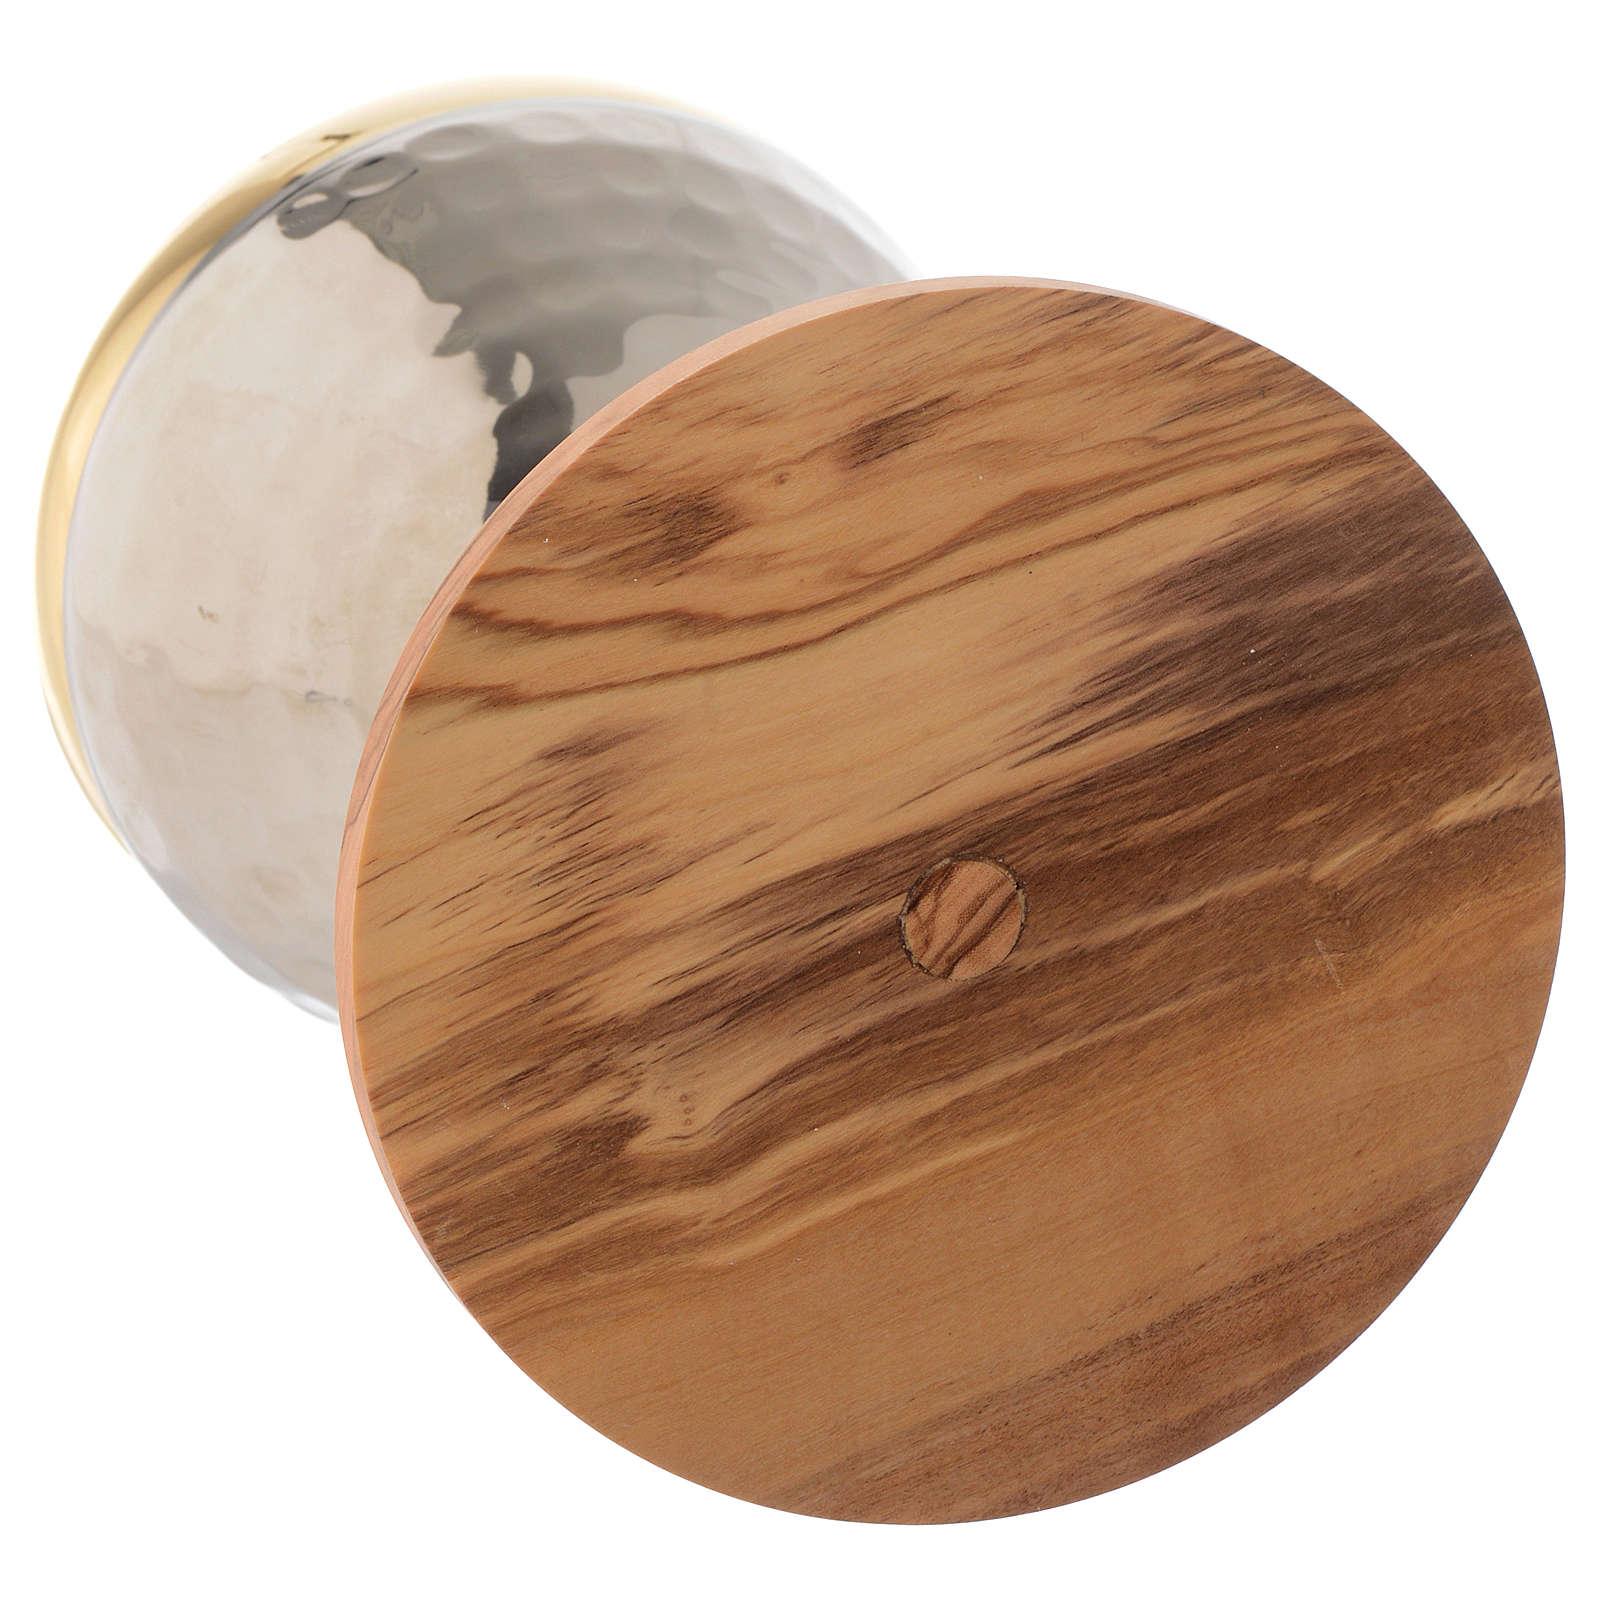 Ciboire bois olivier Assise vieilli et laiton doré martelé 4